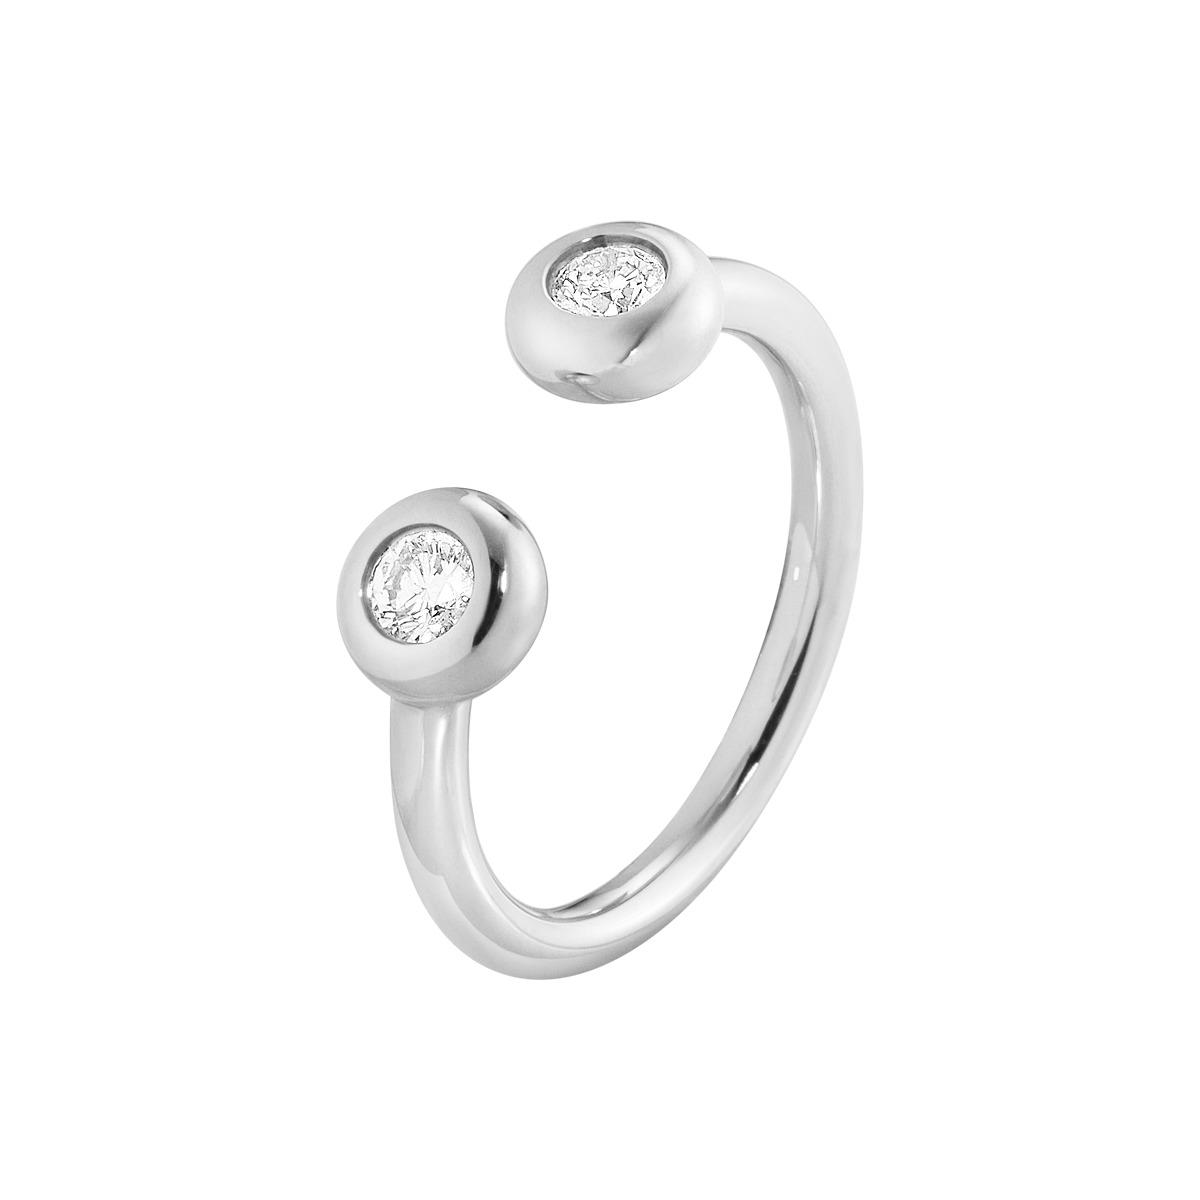 georg jensen - smykker – Georg jensen aurora ring - 3572580 hvg / 0,20 ct 52 på brodersen + kobborg